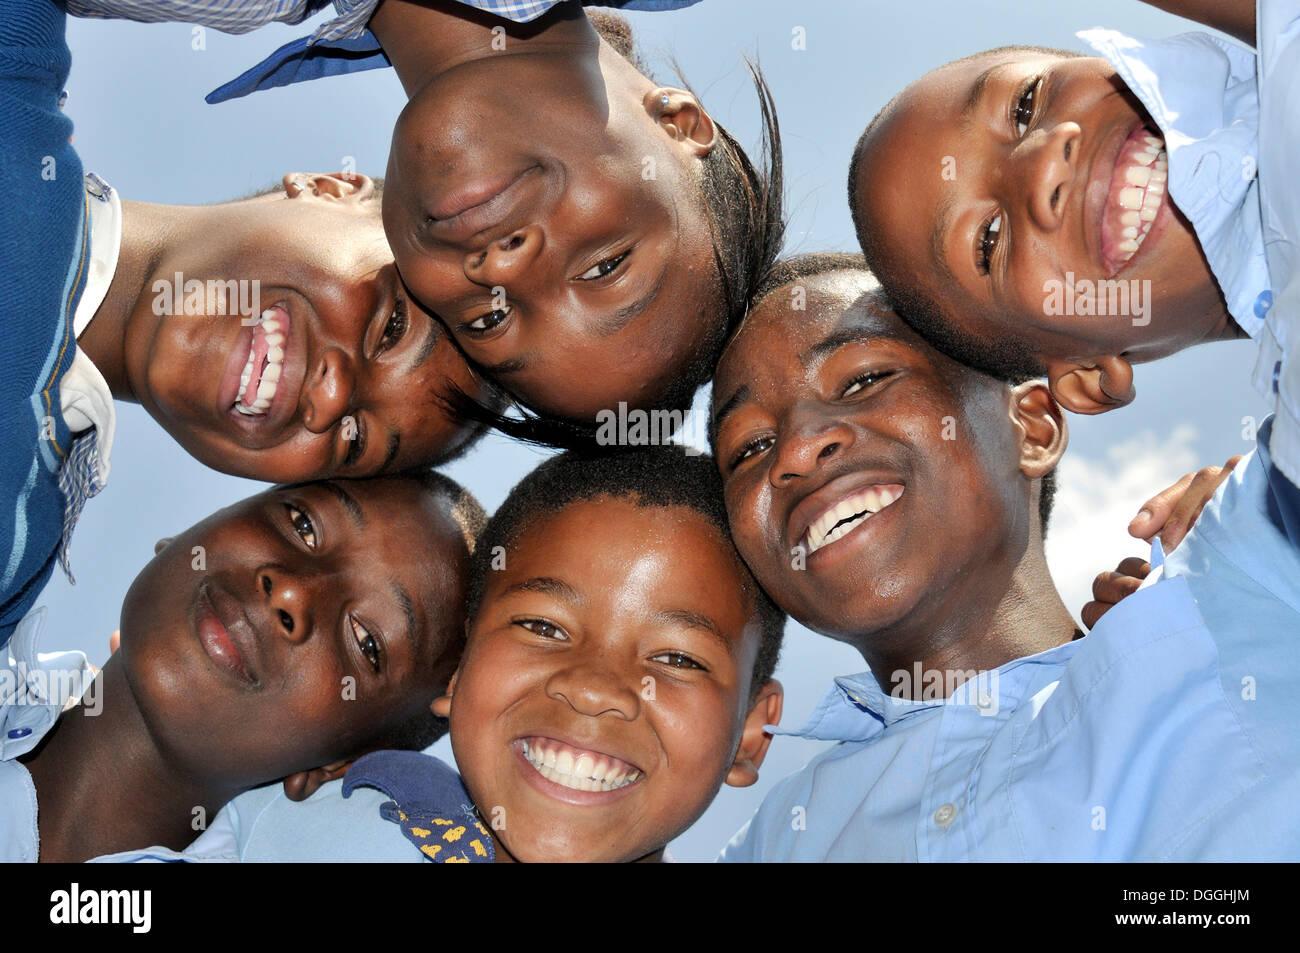 Les enfants africains debout avec leurs chefs dans un cercle, Johannesburg, Afrique du Sud, l'Afrique Photo Stock